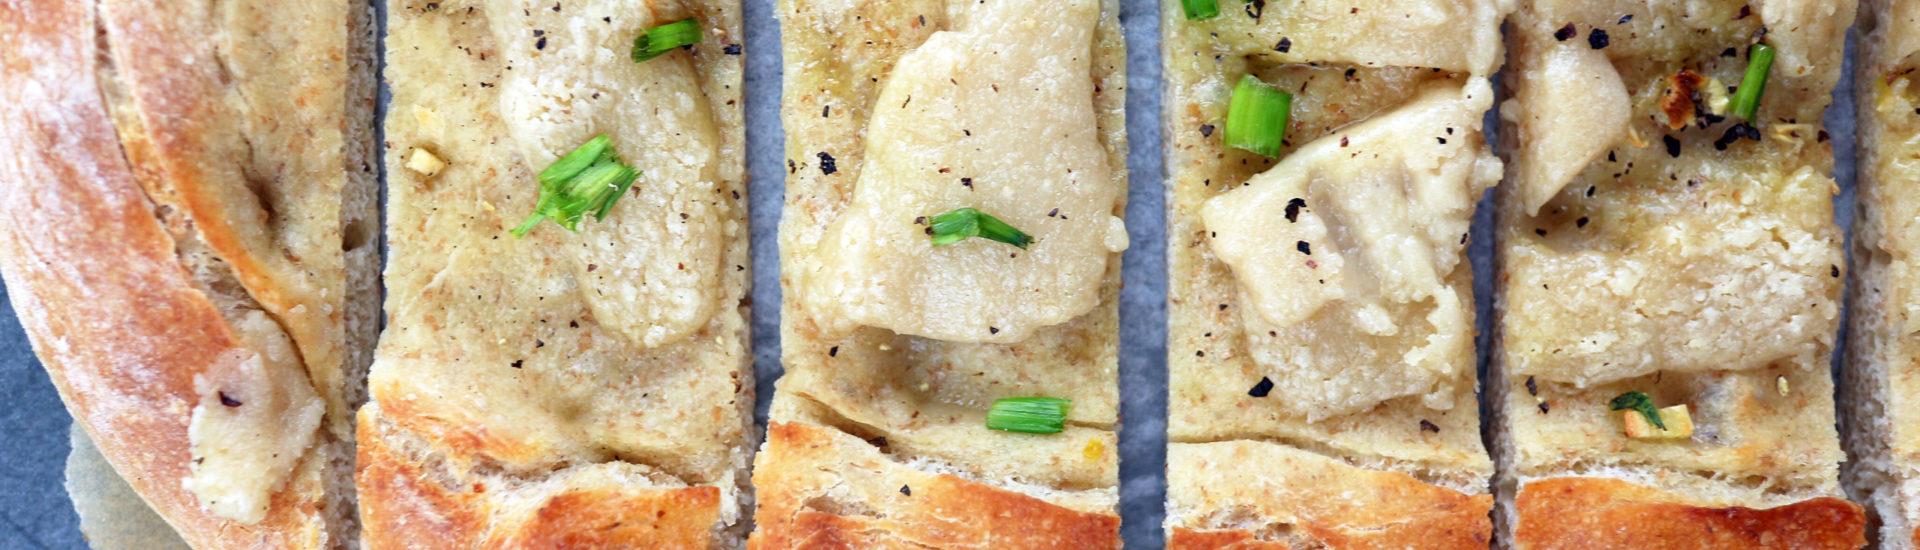 formaggio vegano per pizza